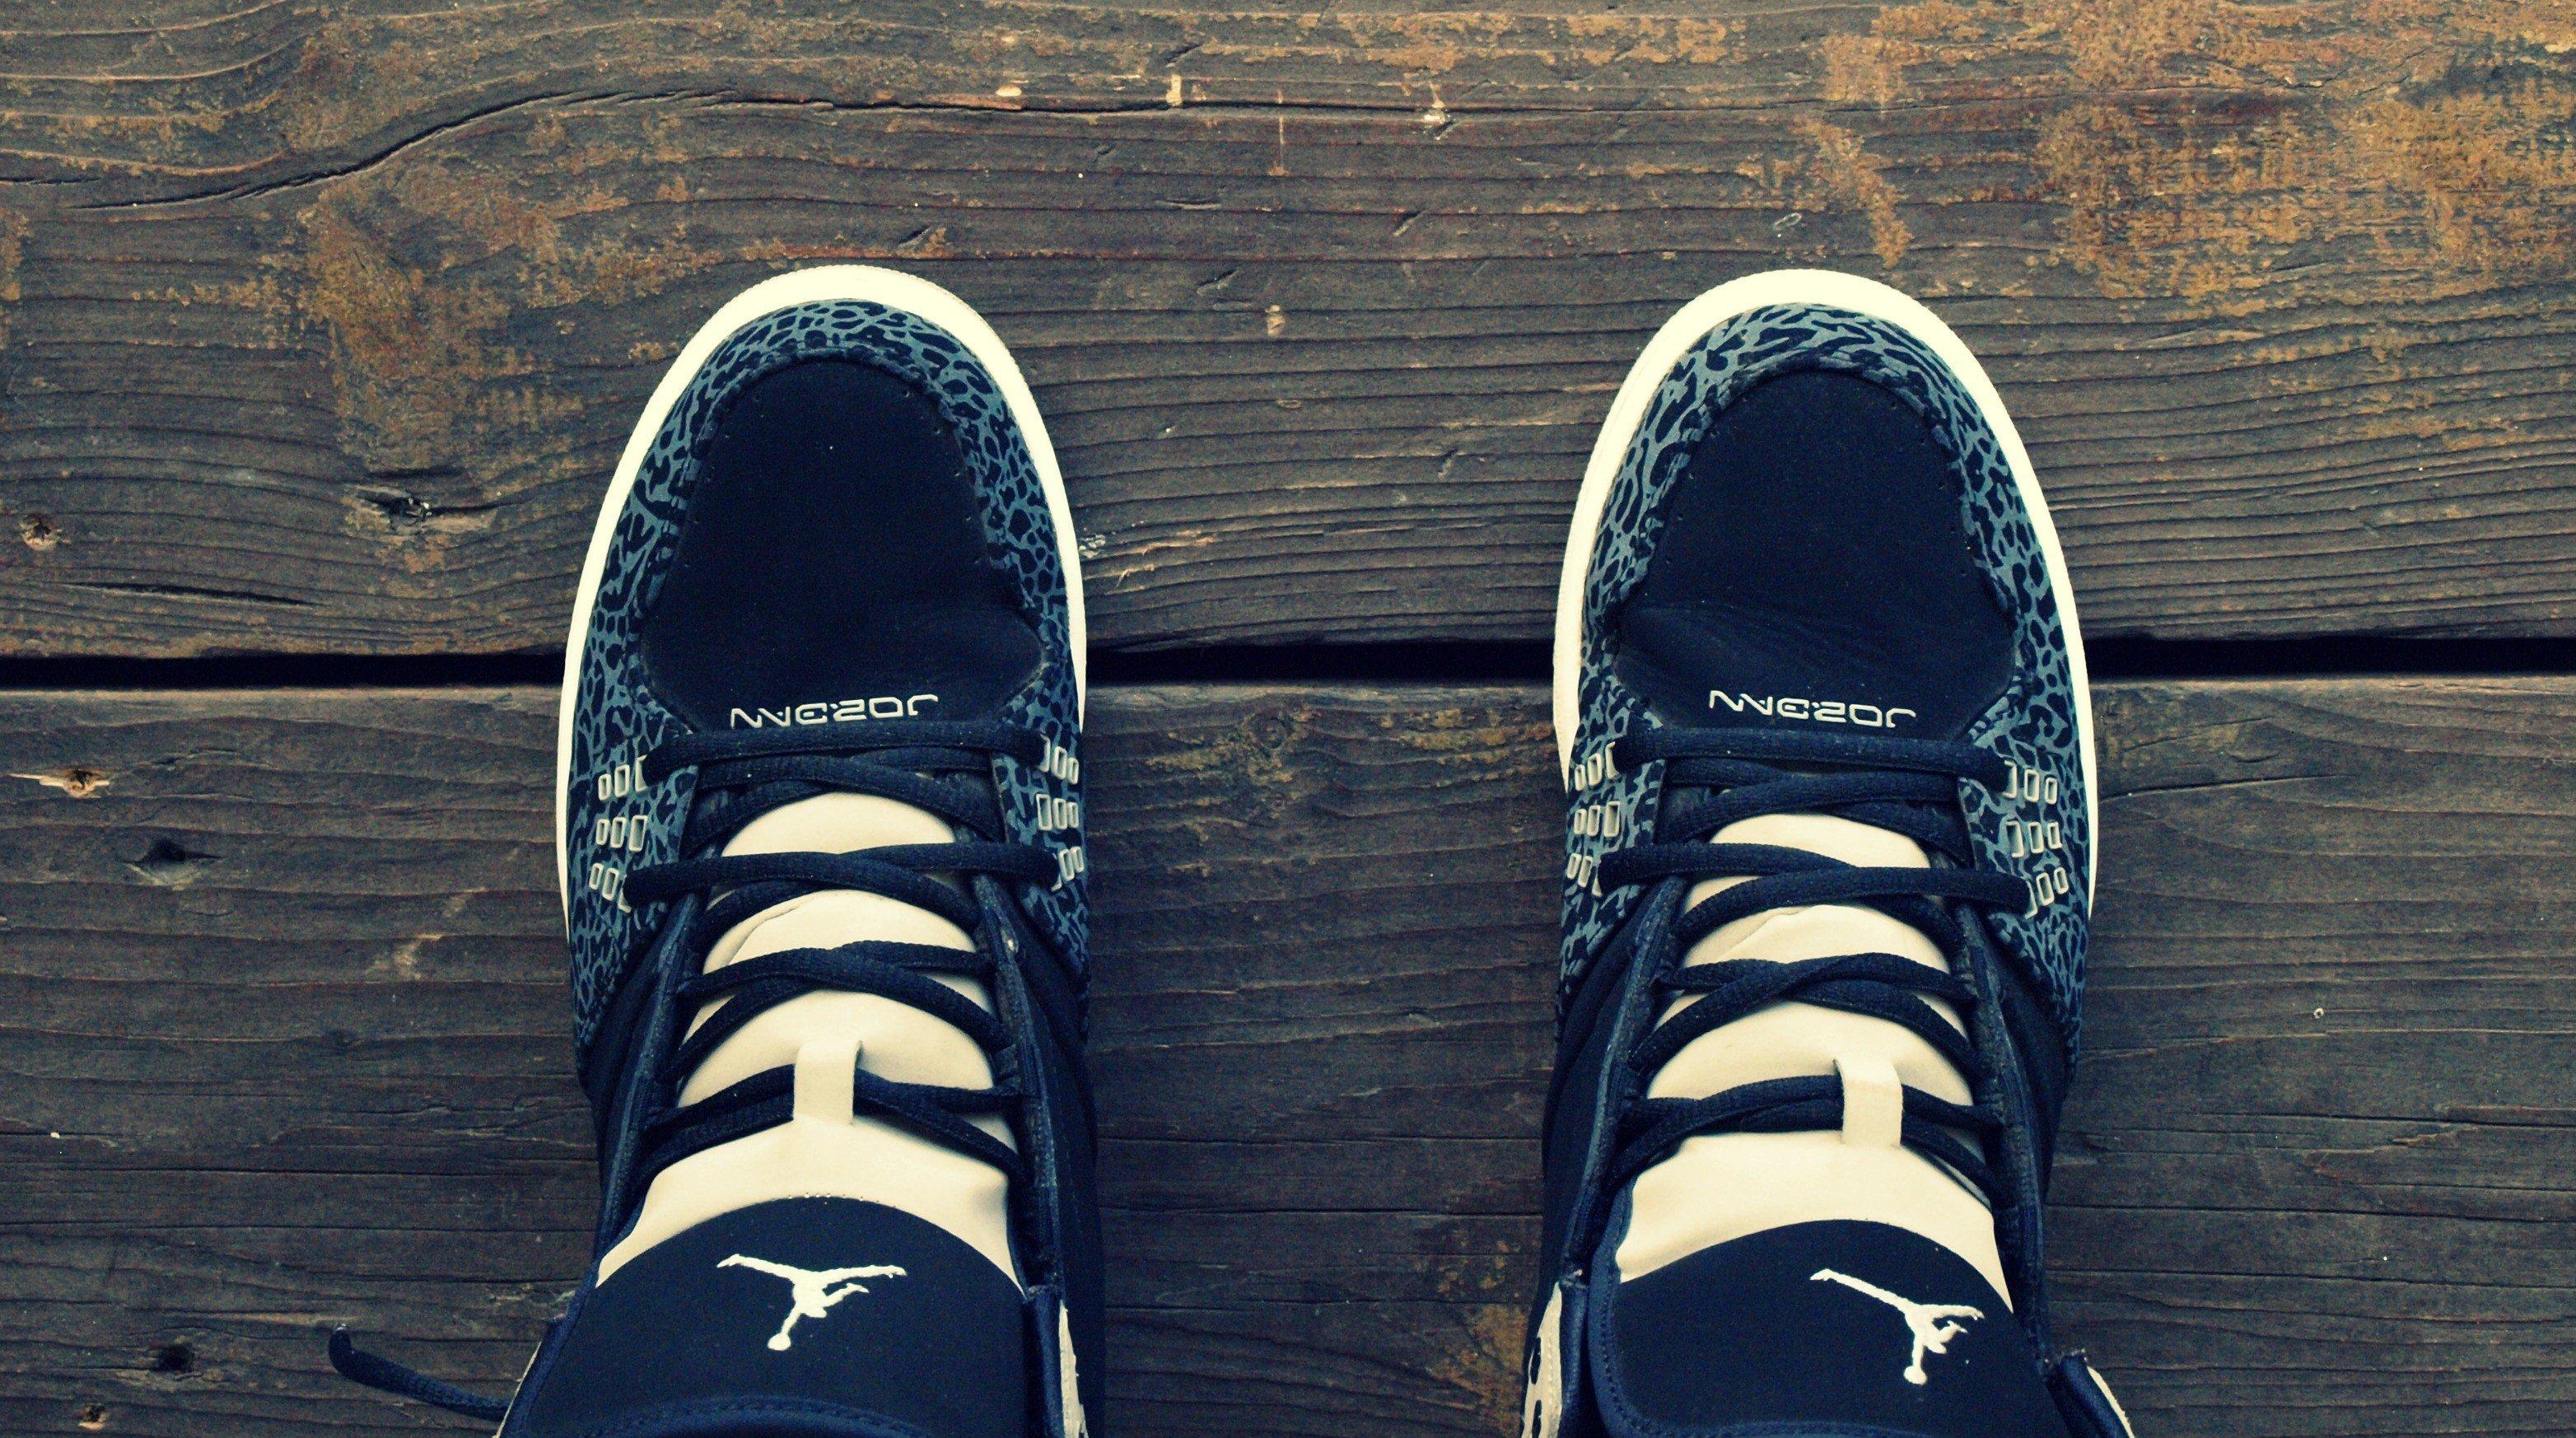 3128x1746 px, Air Jordan, Jumpman